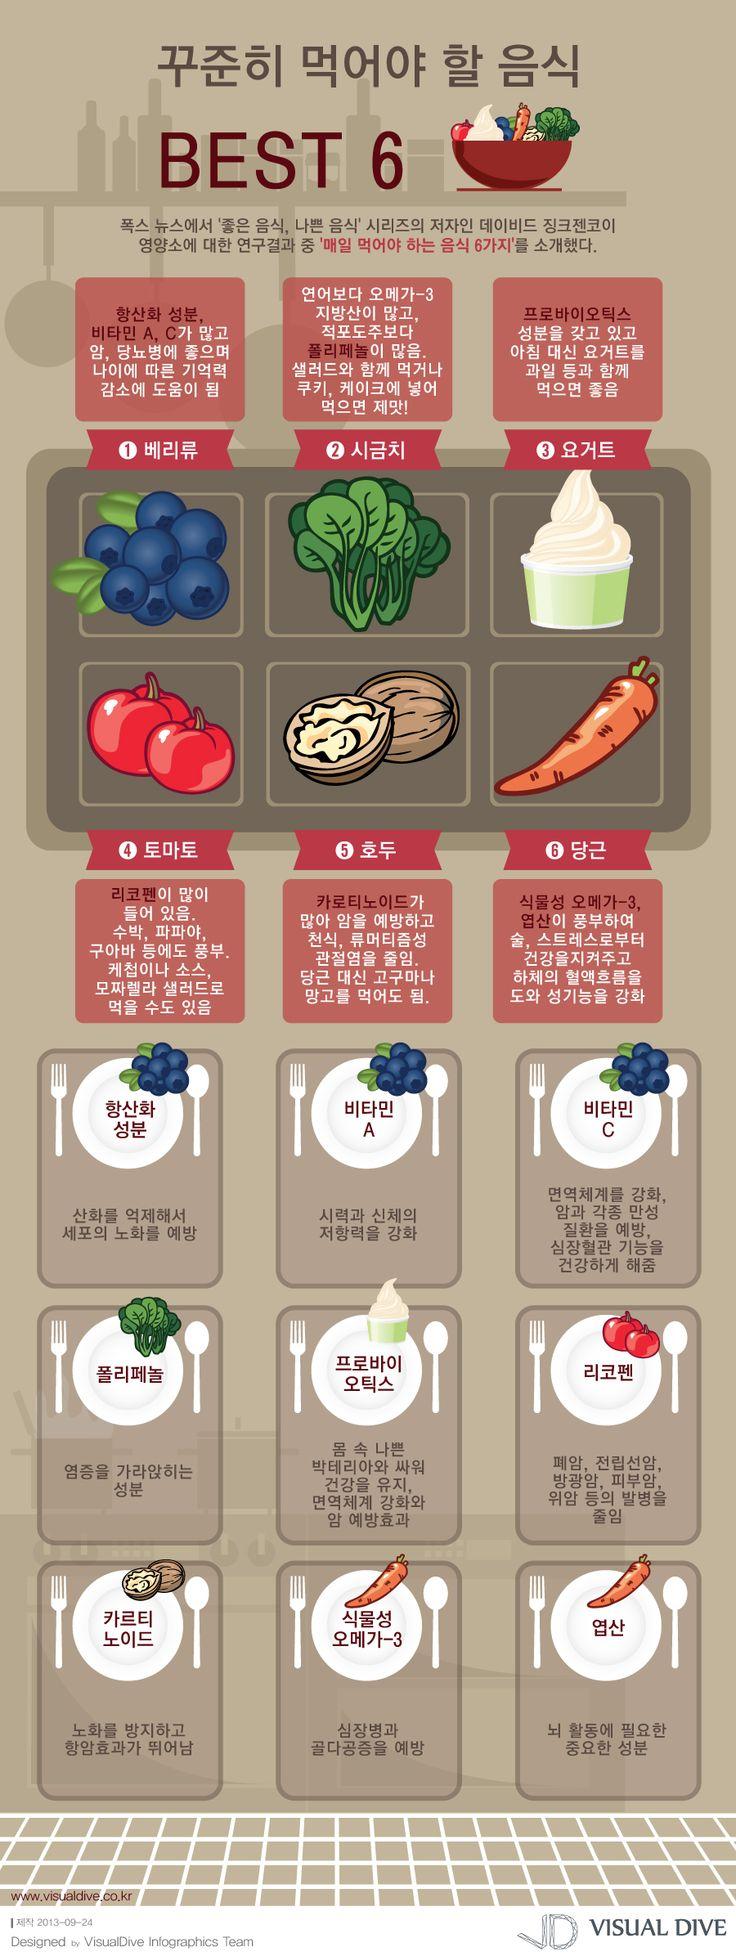 """[인포그래픽] 매일 먹으면 좋은 음식 6가지, """"젊음을 돌려다오!"""" #food / #Infographic"""" ⓒ 비주얼다이브 무단 복사·전재·재배포 금지"""